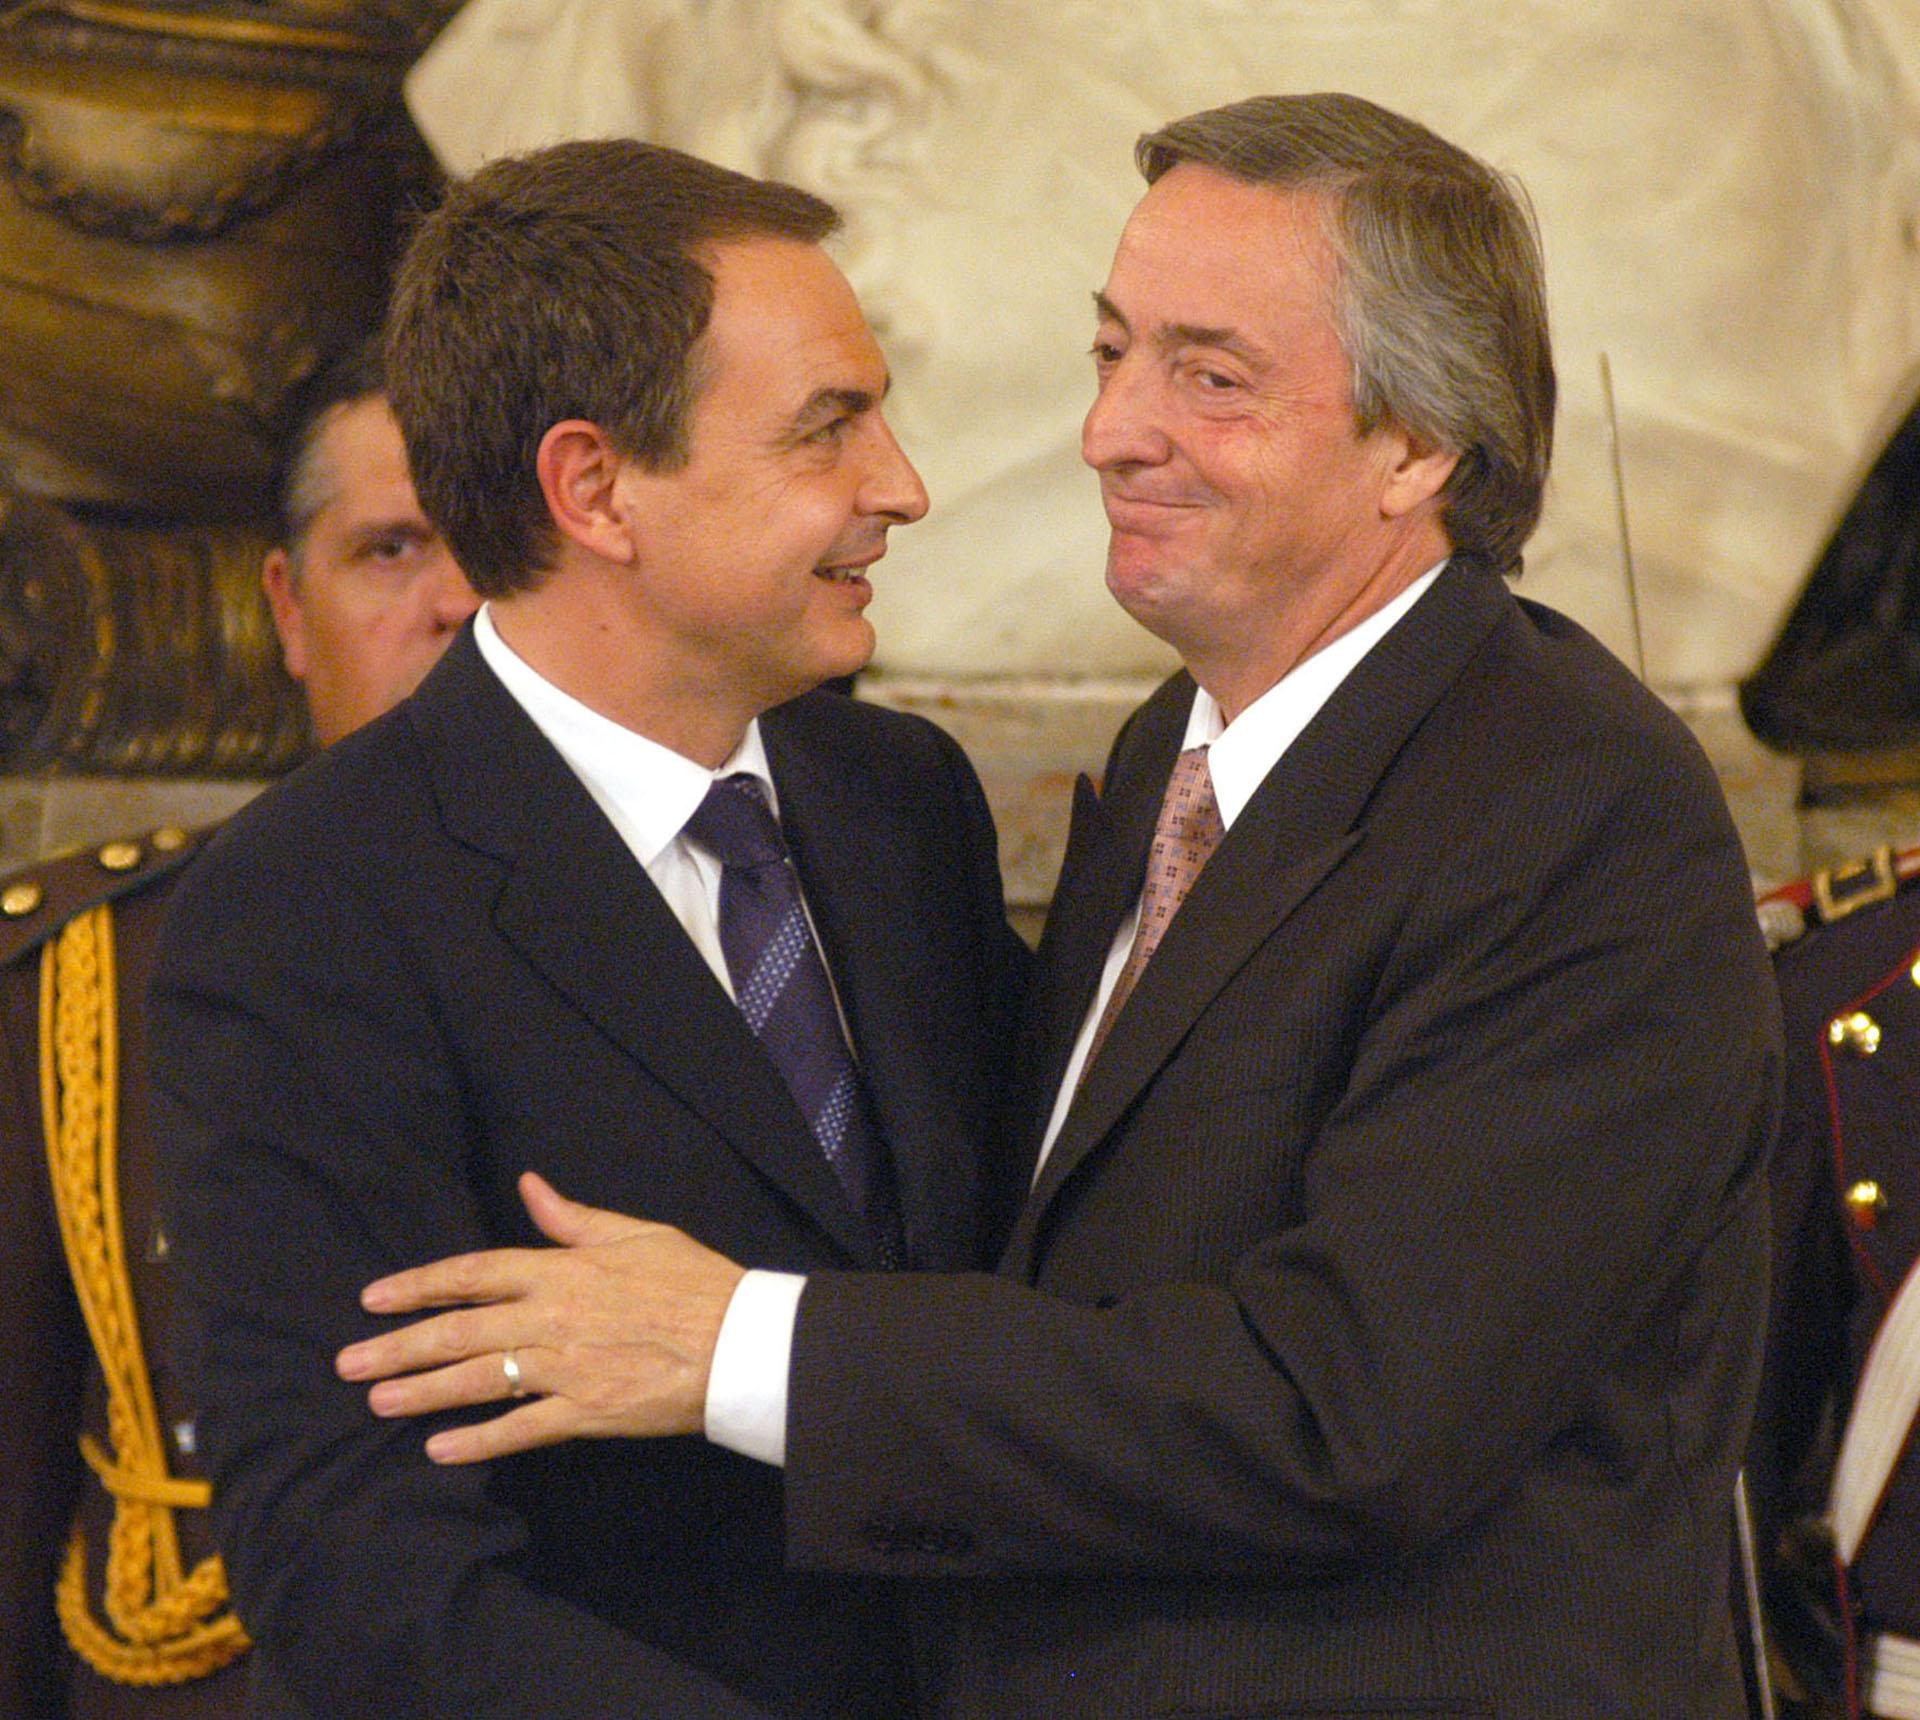 El presidente Néstor Kirchner junto a su par de España, José Luis Rodríguez Zapatero, durante la ceremonia realizada en el Salón Blanco de Casa de Gobierno